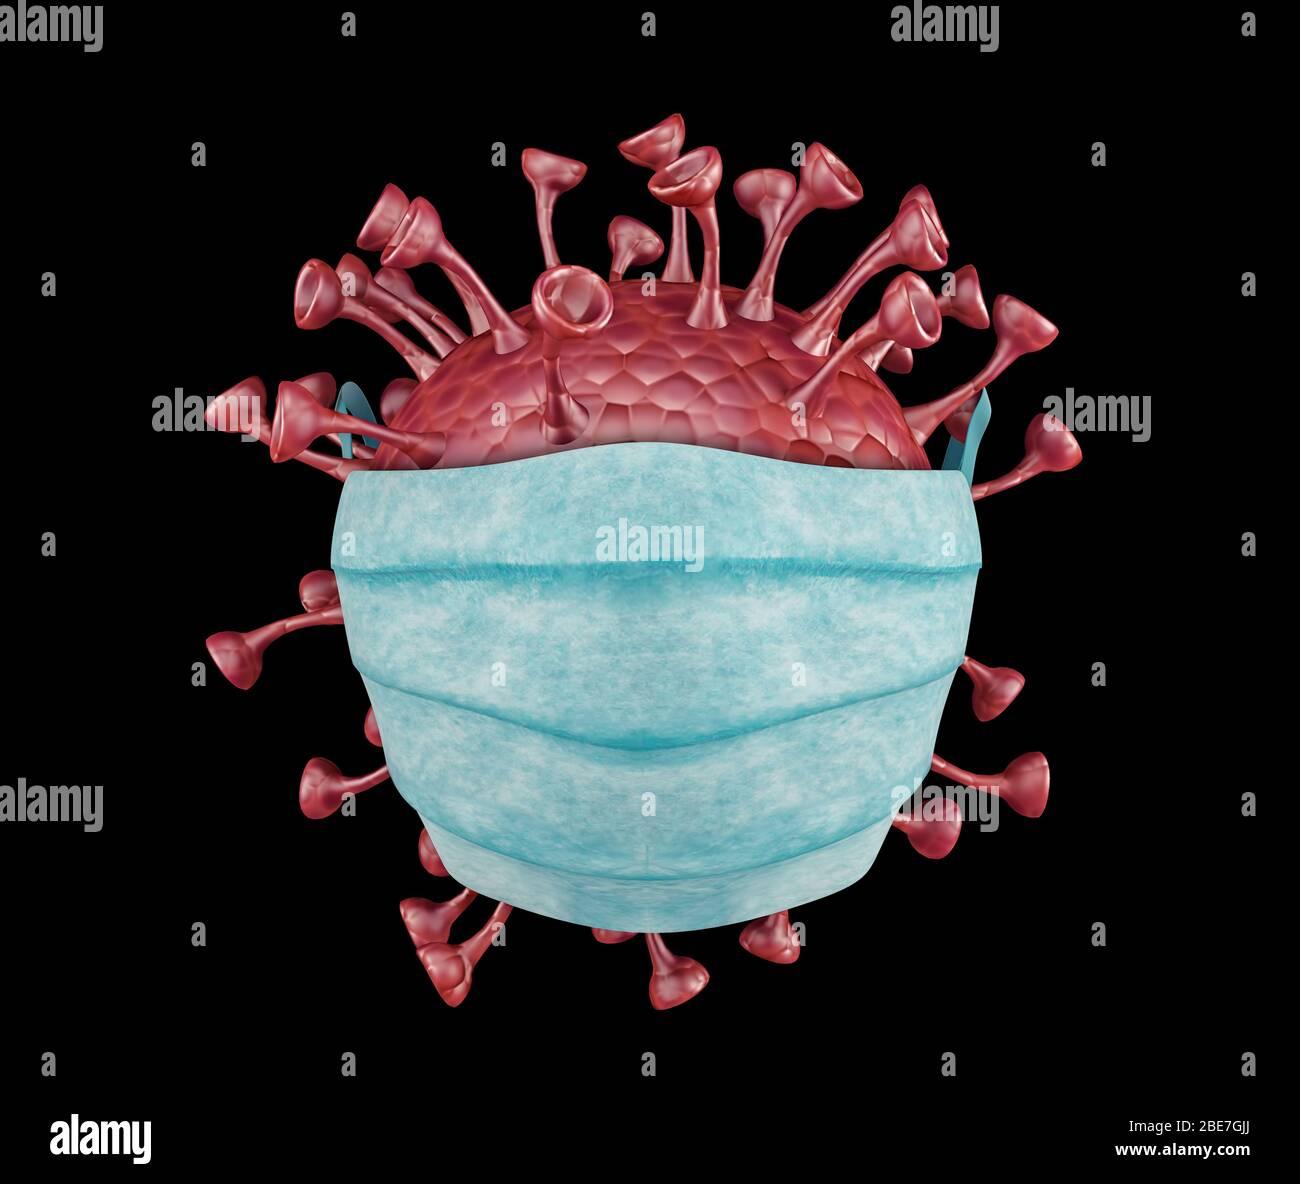 Vue microscopique de coronavirus, un pathogène qui s'attaque aux voies respiratoires. L'analyse et de test, d'expérimentation. Le SRAS. 3D render Banque D'Images